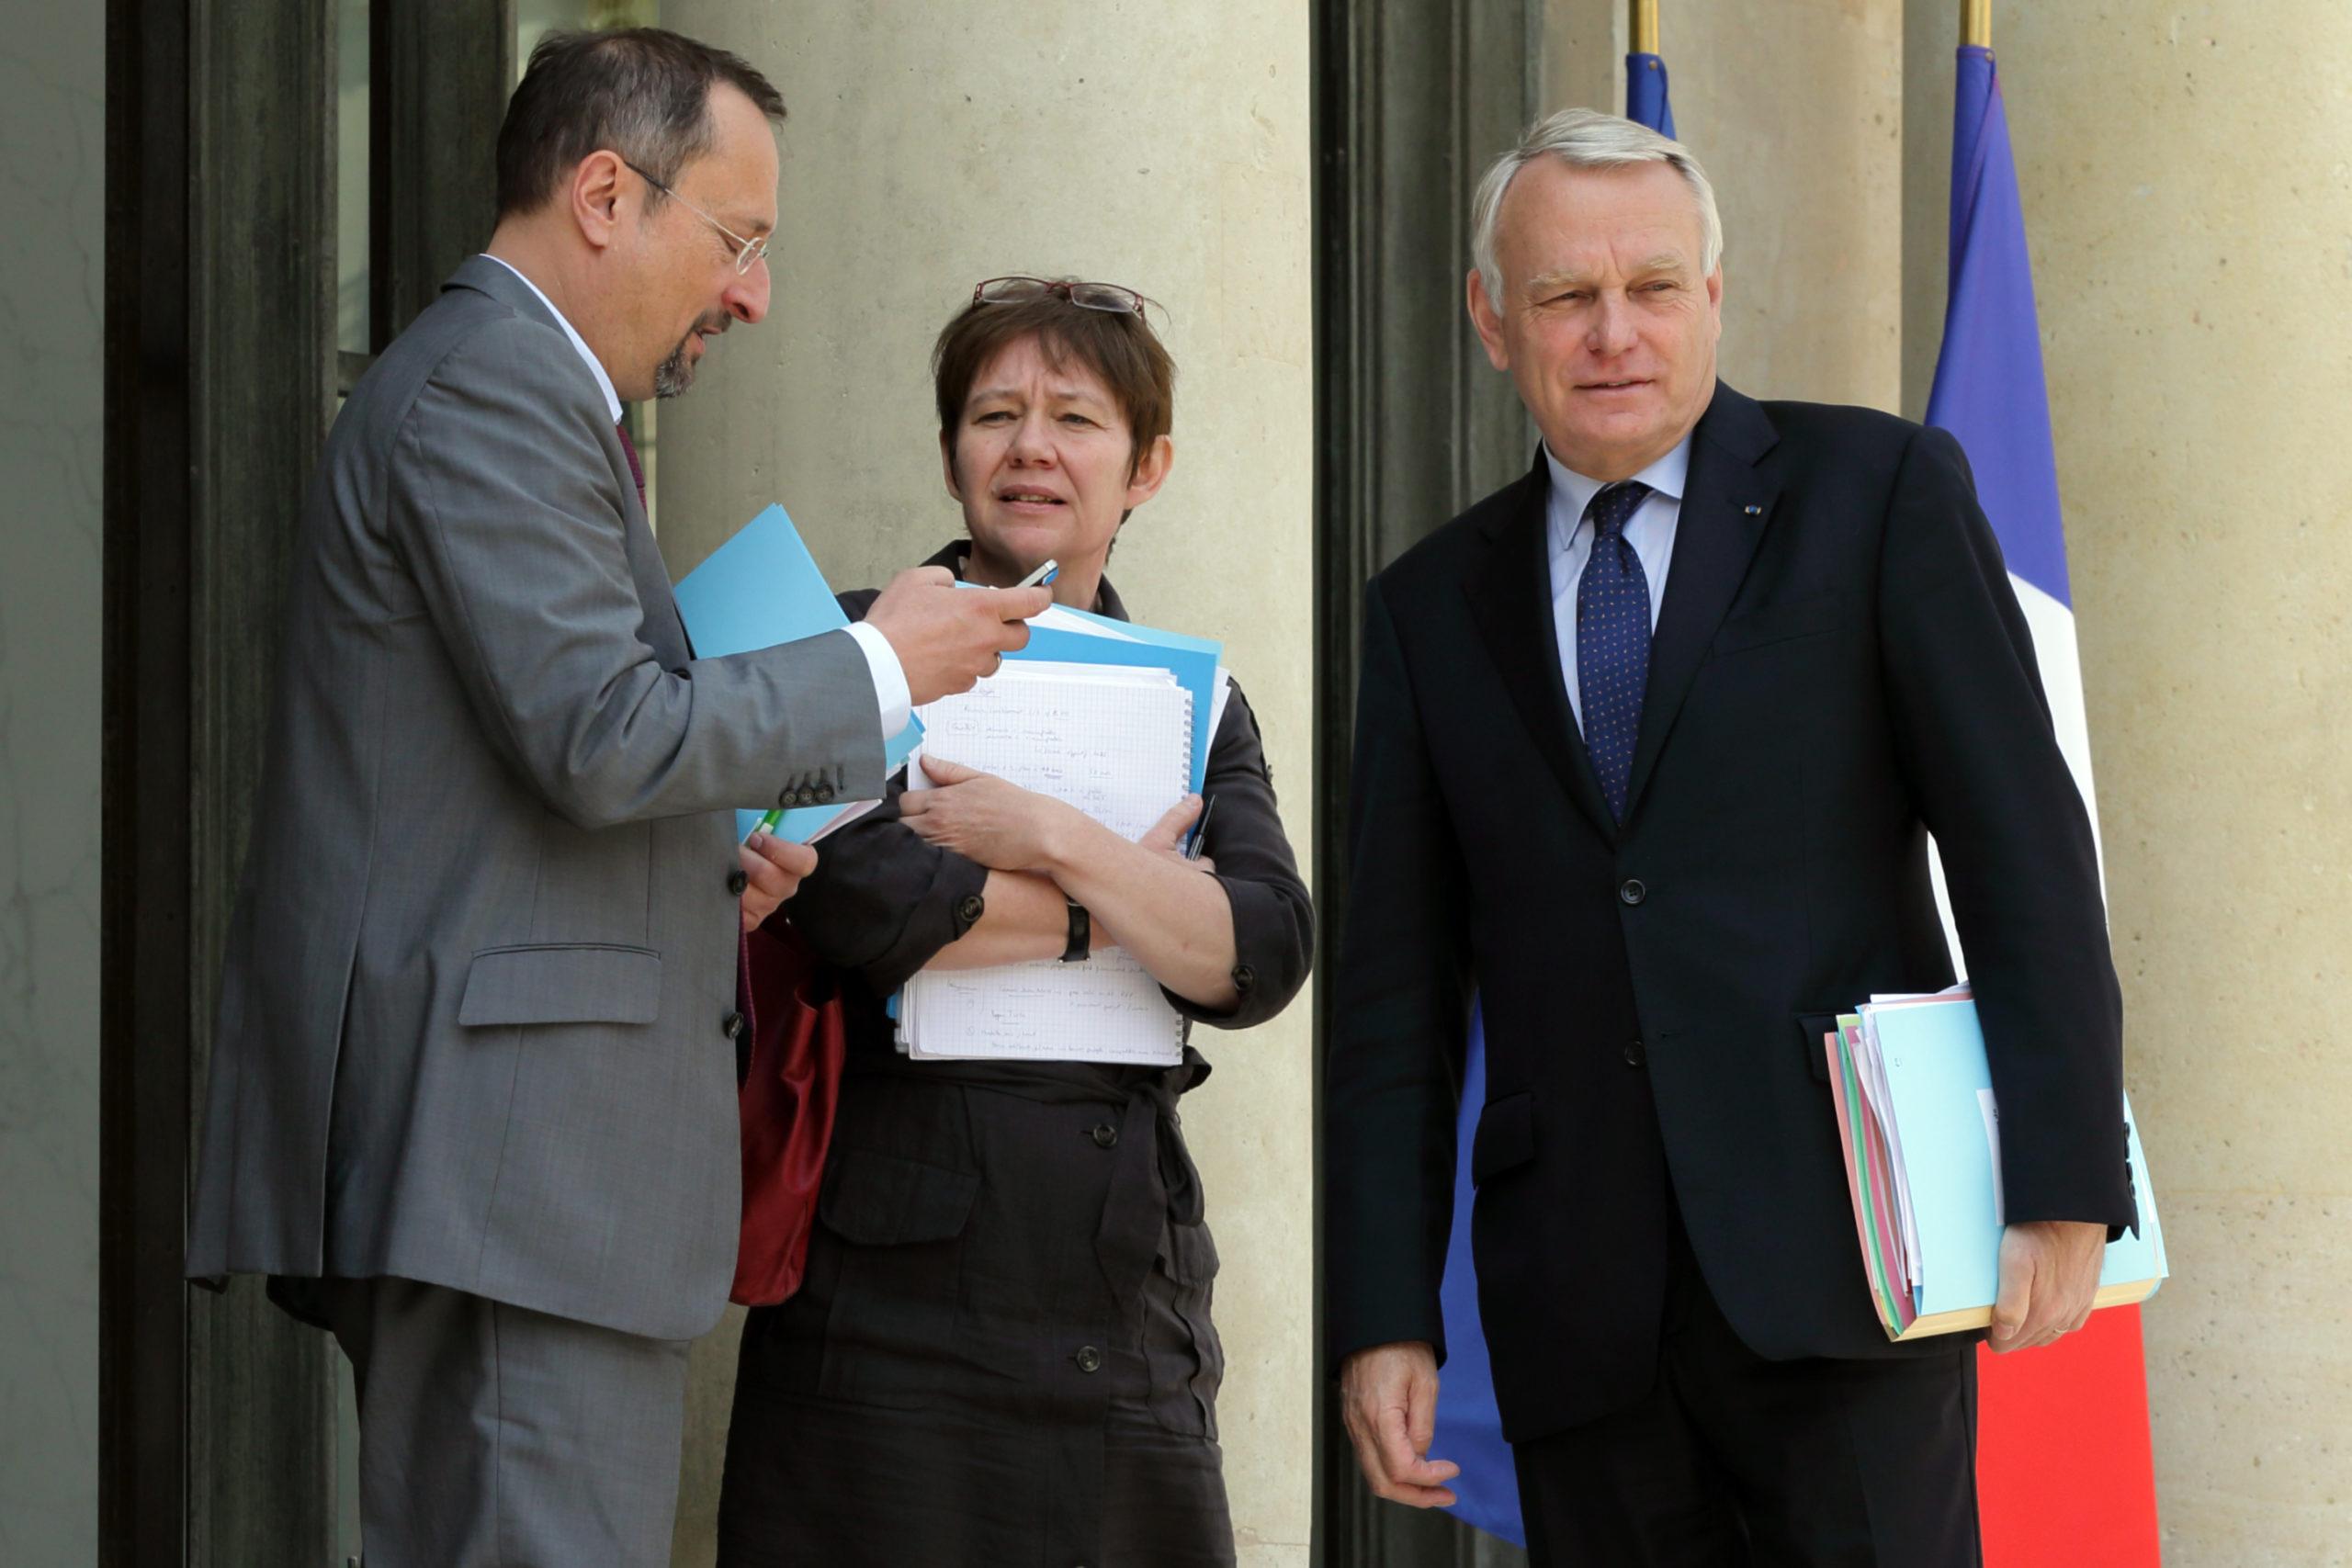 La Française Odile Renaud-Basso élue à la présidence de la Berd